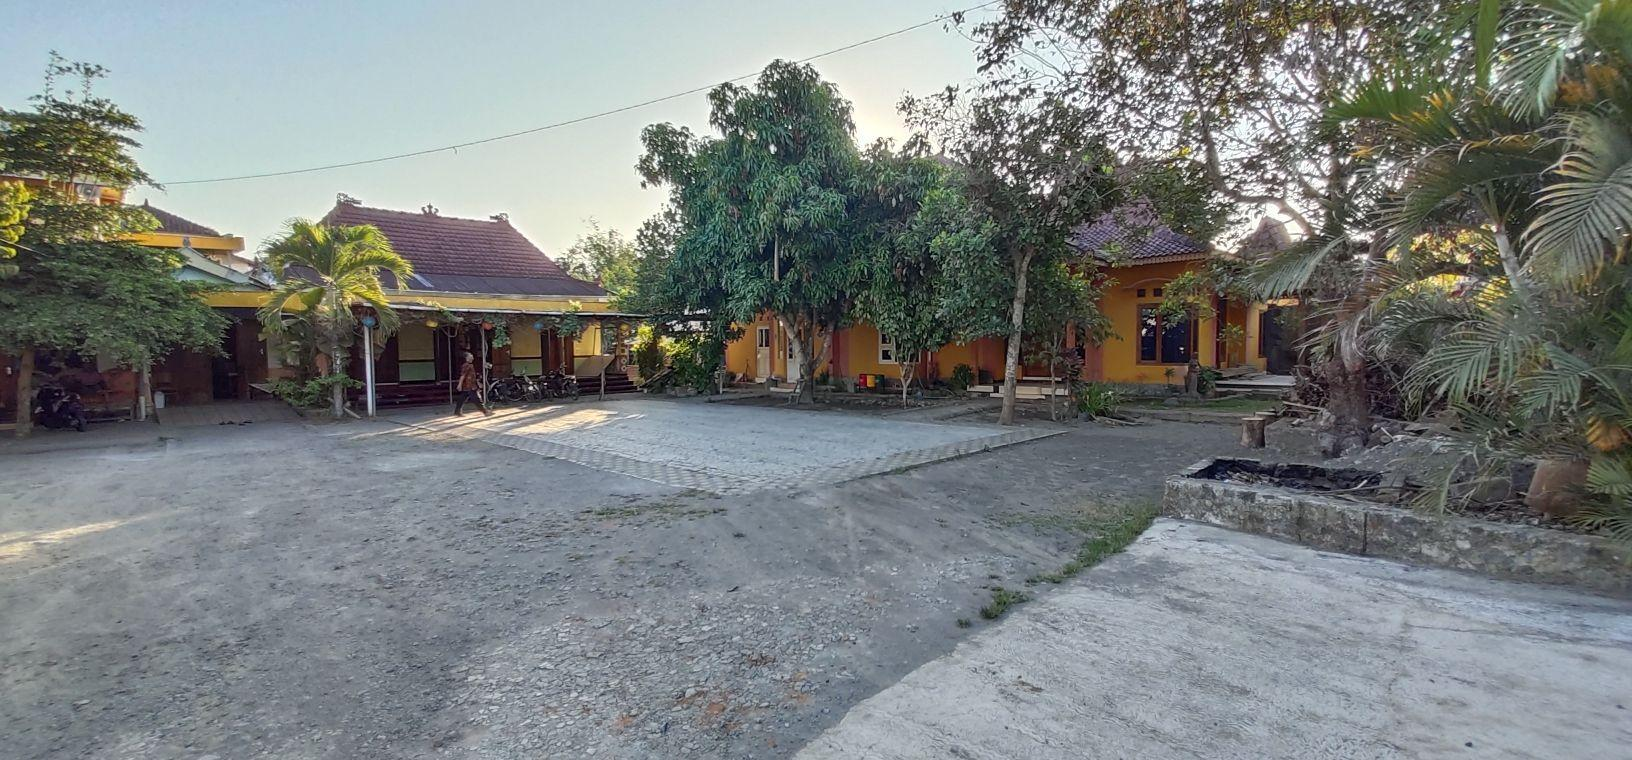 The Joglo Family Hotel